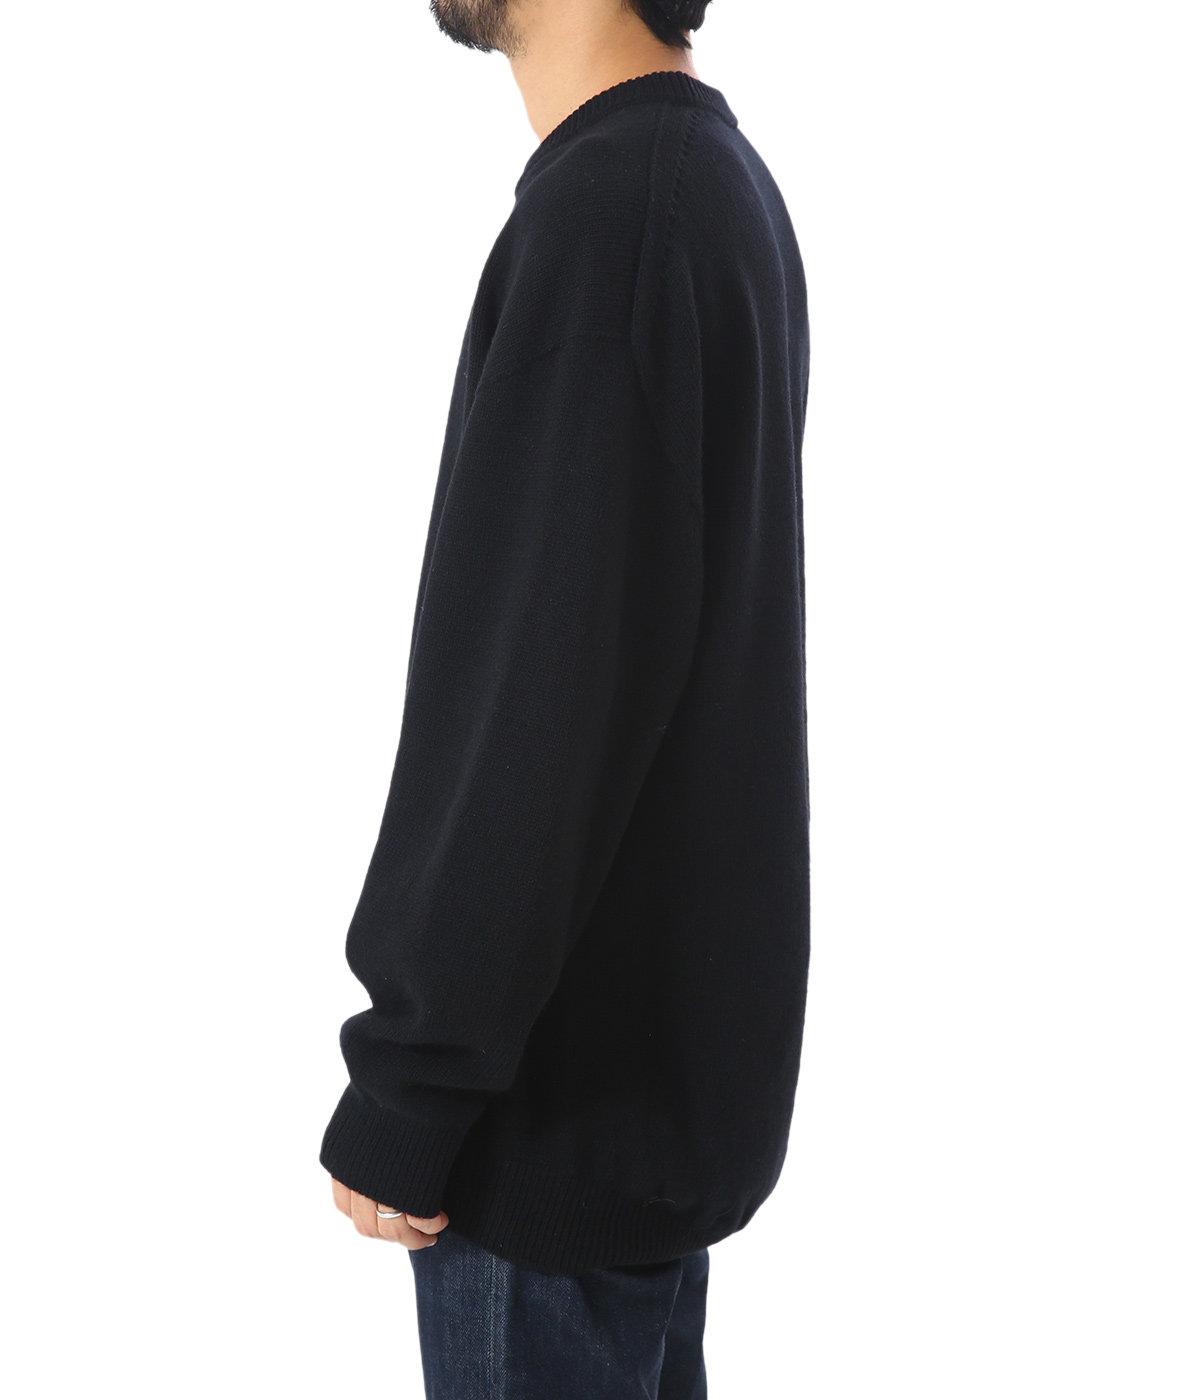 【別注】wholegarment C/N pullover